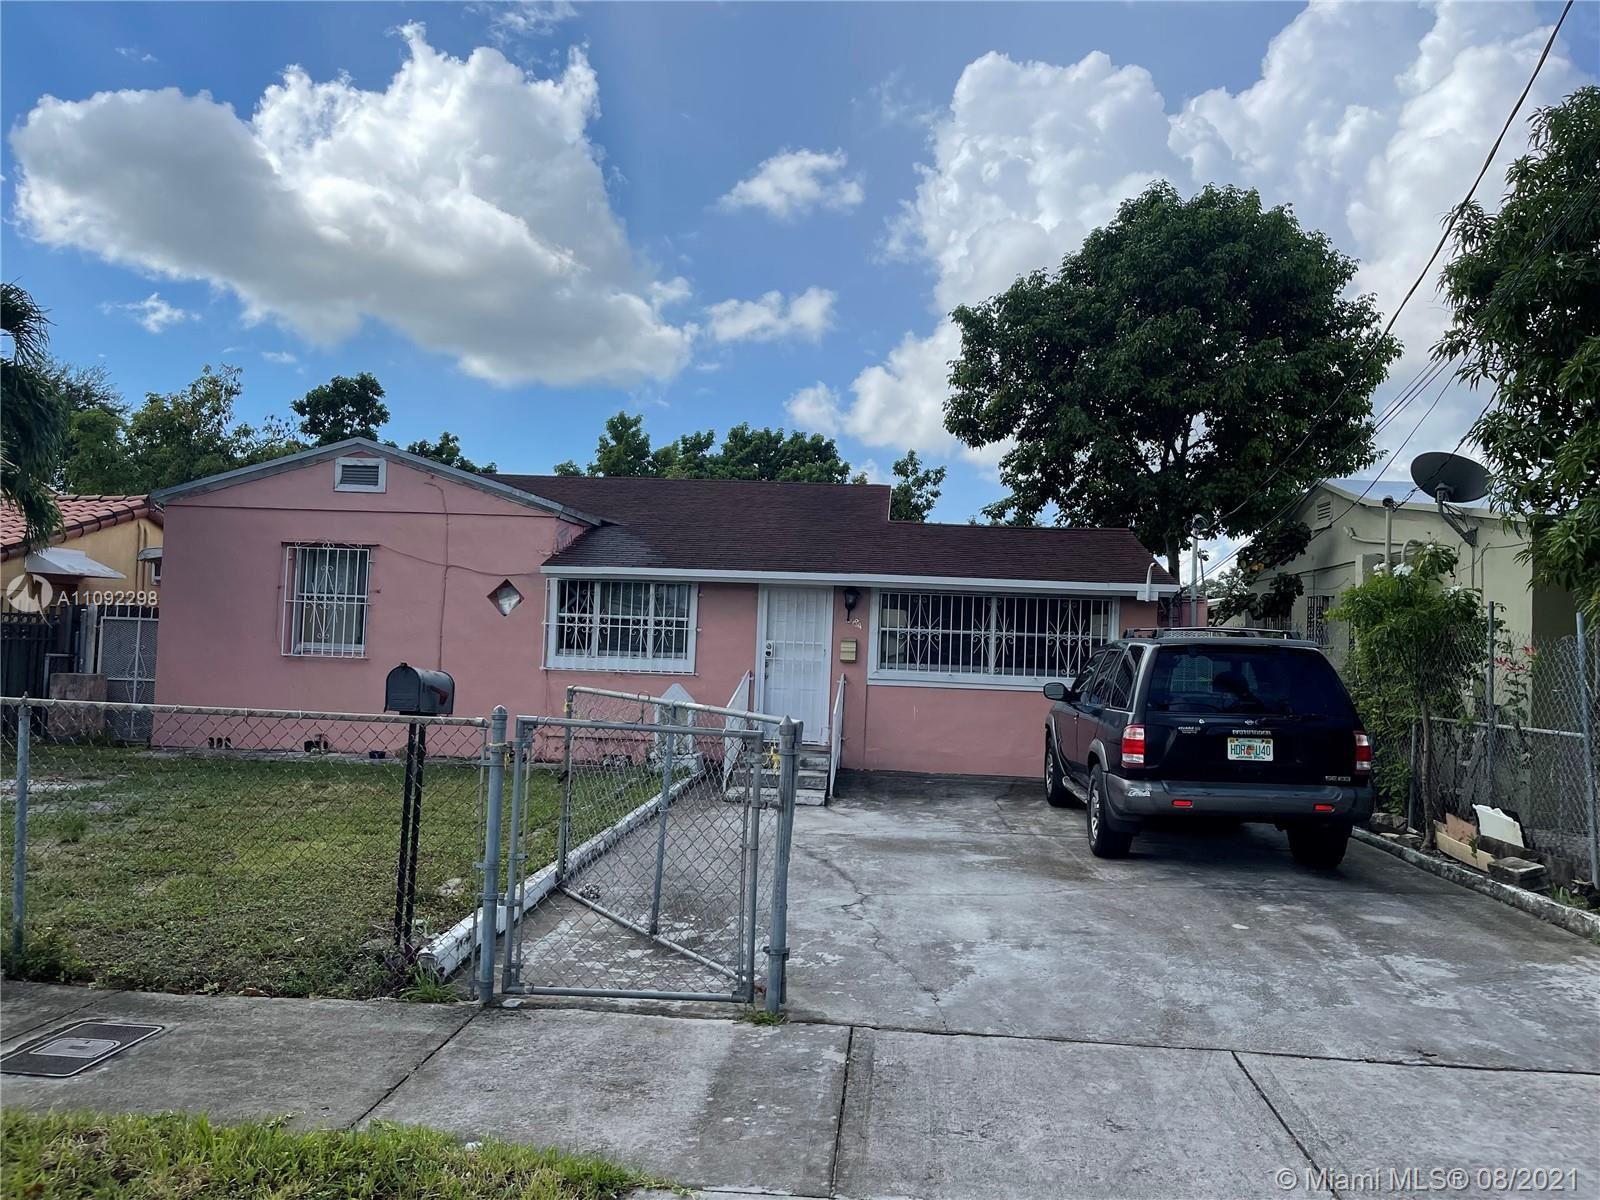 2484 NW 29th St, Miami, FL 33142 - #: A11092298